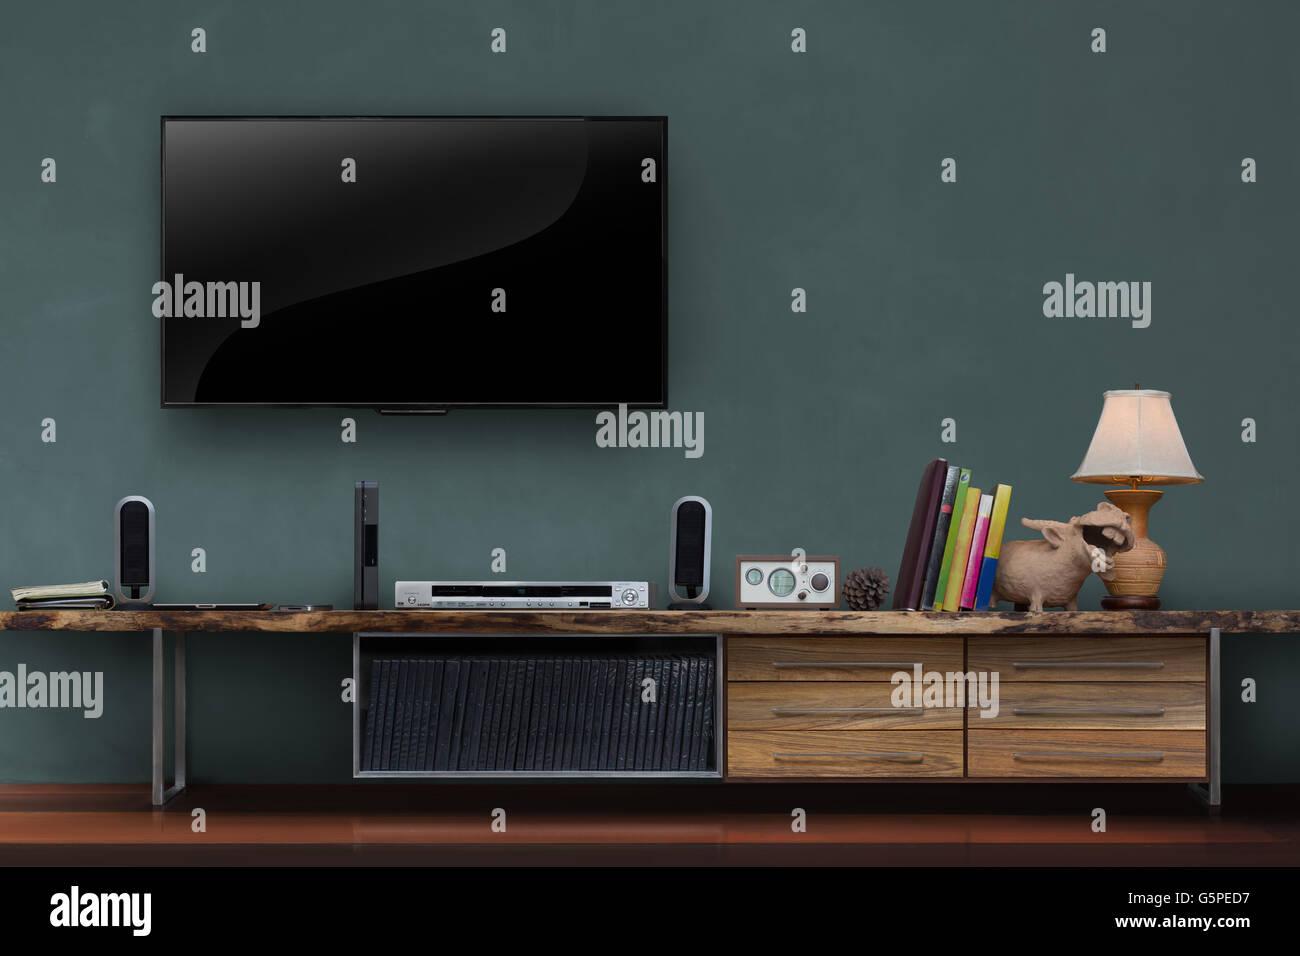 Wohnzimmer Leuchtet Tv Dunkel Grüne Wand Mit Holztisch Medien Möbel Moderne  Loft Stil